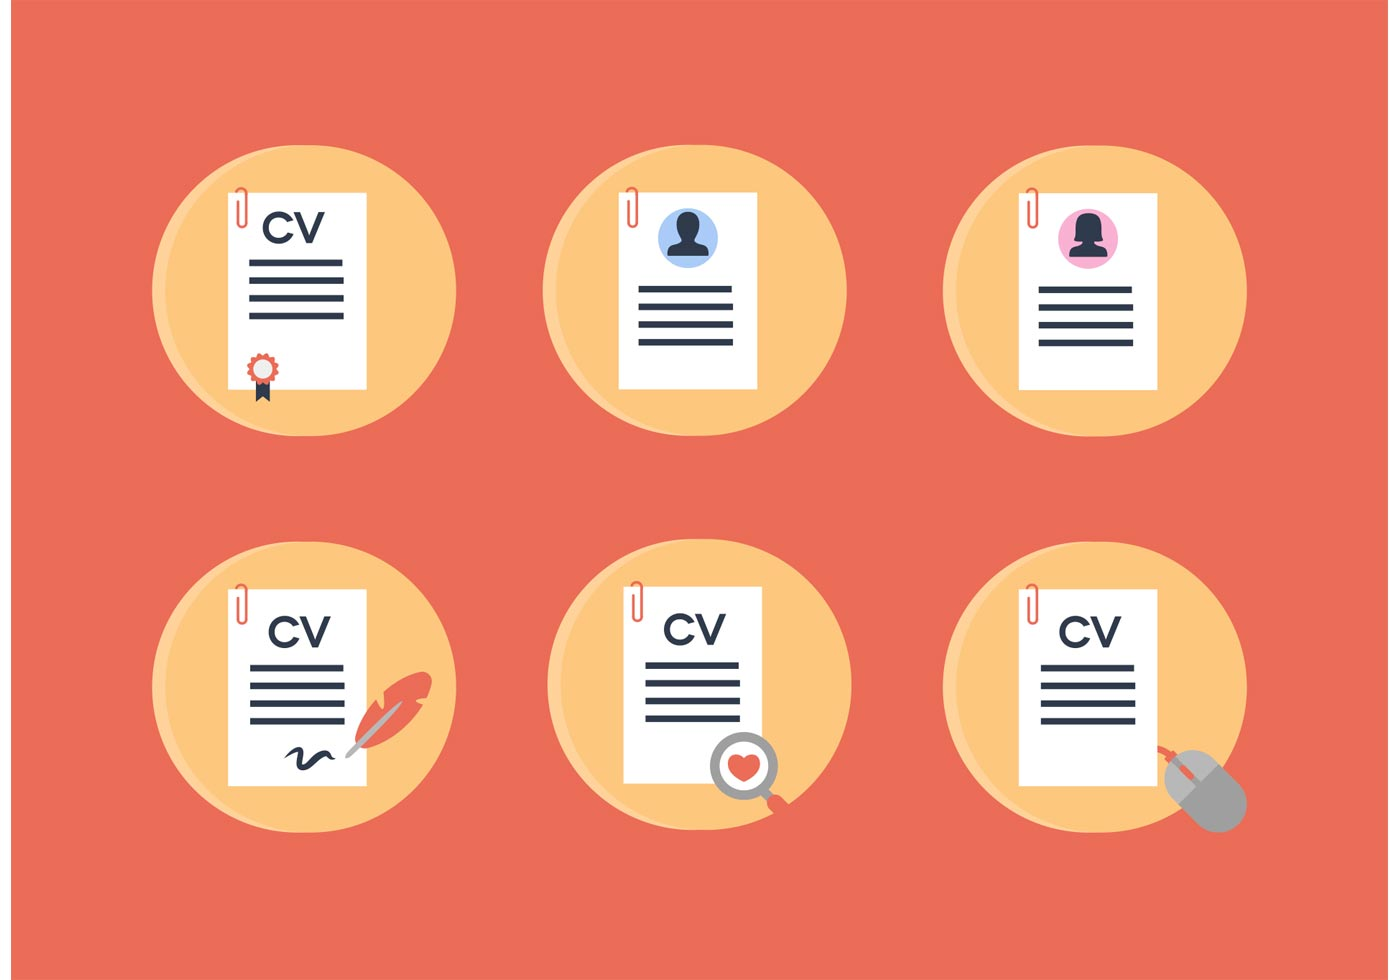 curriculum vitae vector icons